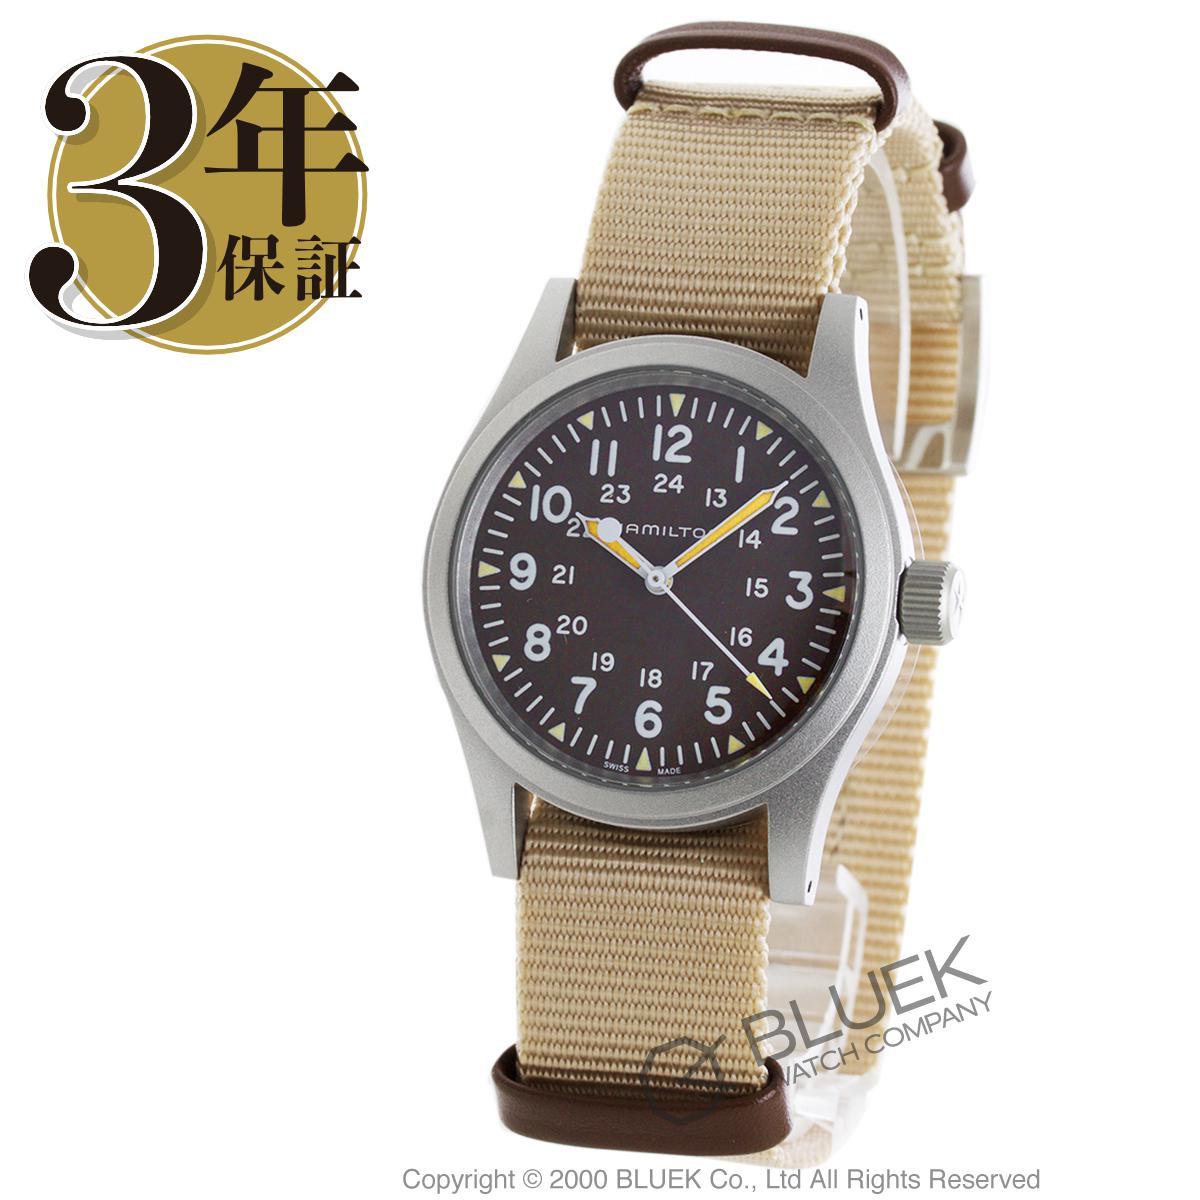 ハミルトン カーキ フィールド メカニカル 腕時計 メンズ HAMILTON H69429901_8 バーゲン ギフト プレゼント